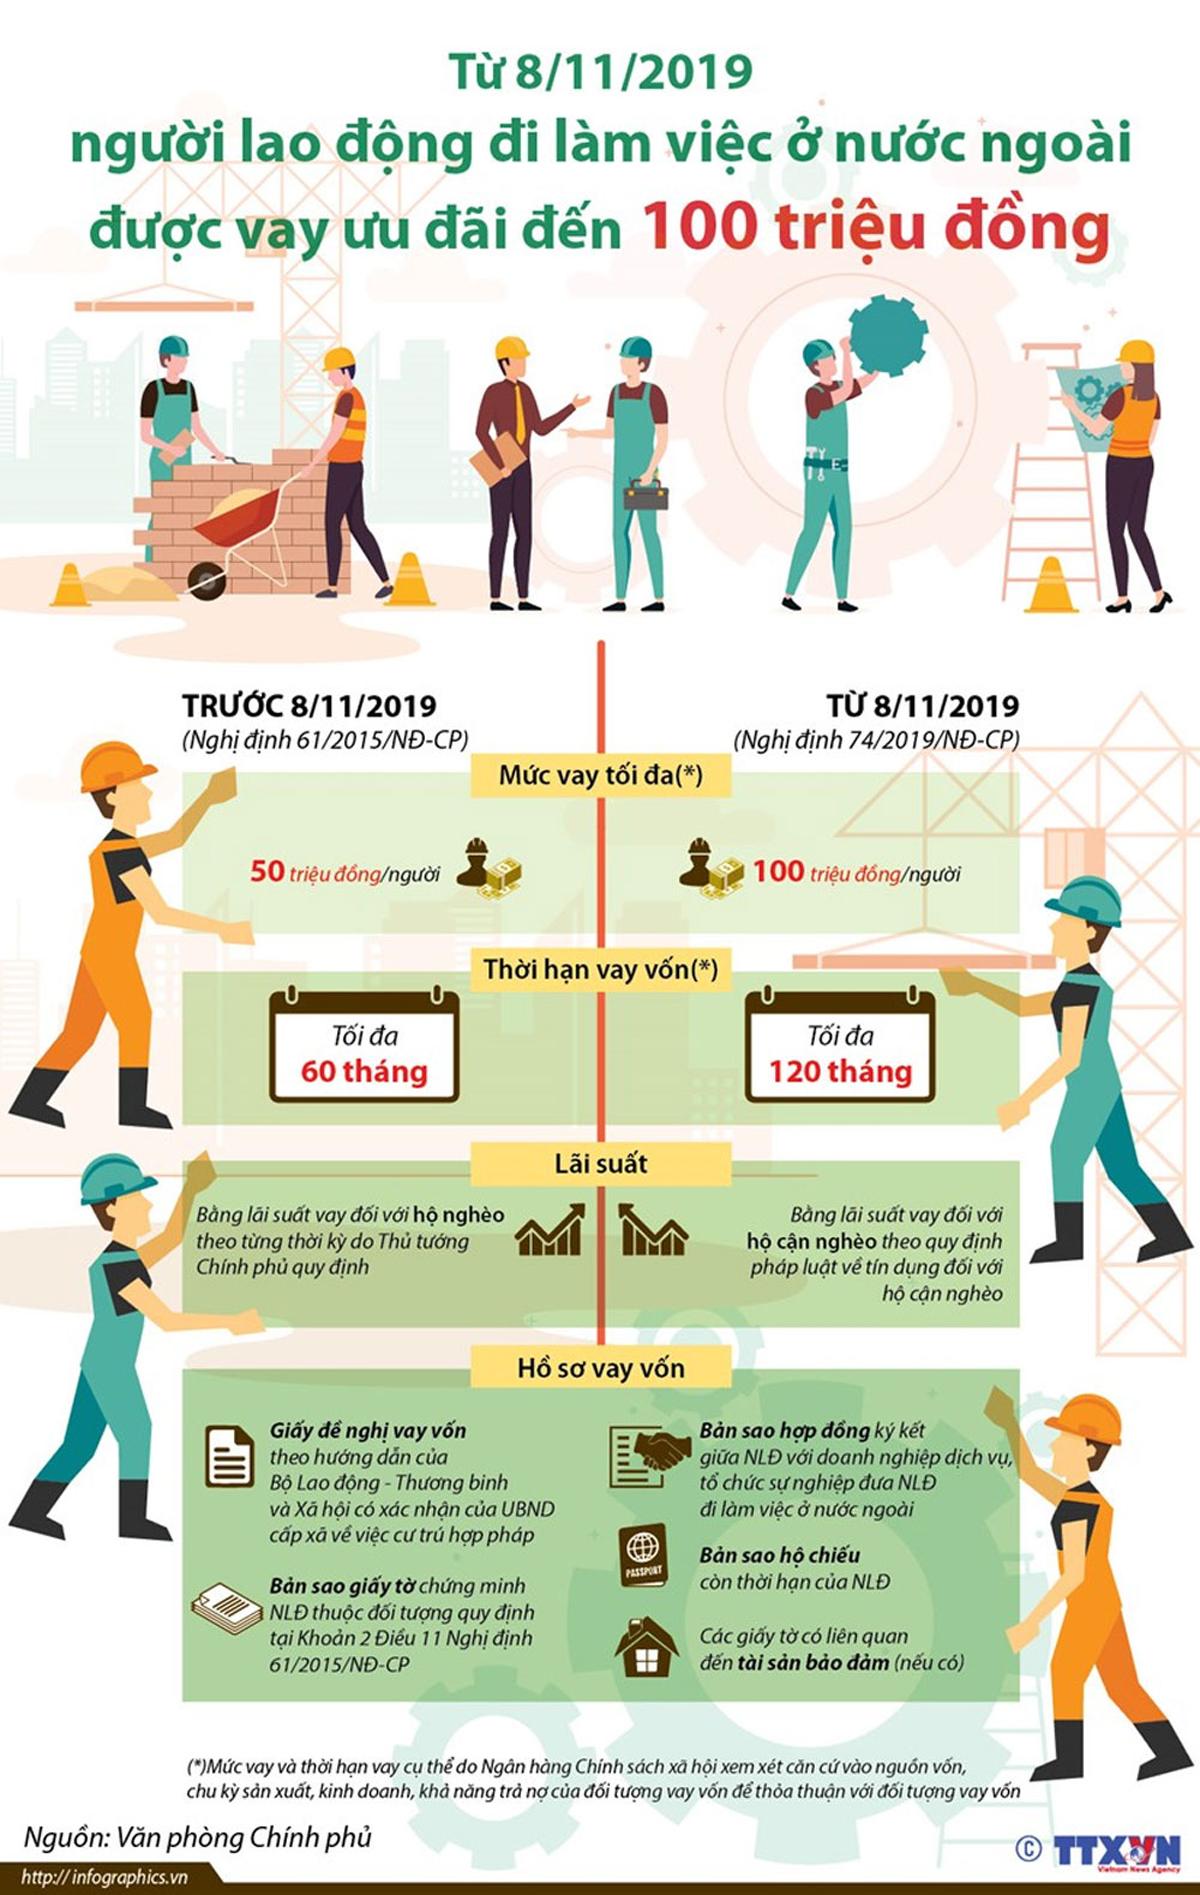 Lao động, đi làm ở nước ngoài, được vay 100 triệu đồng